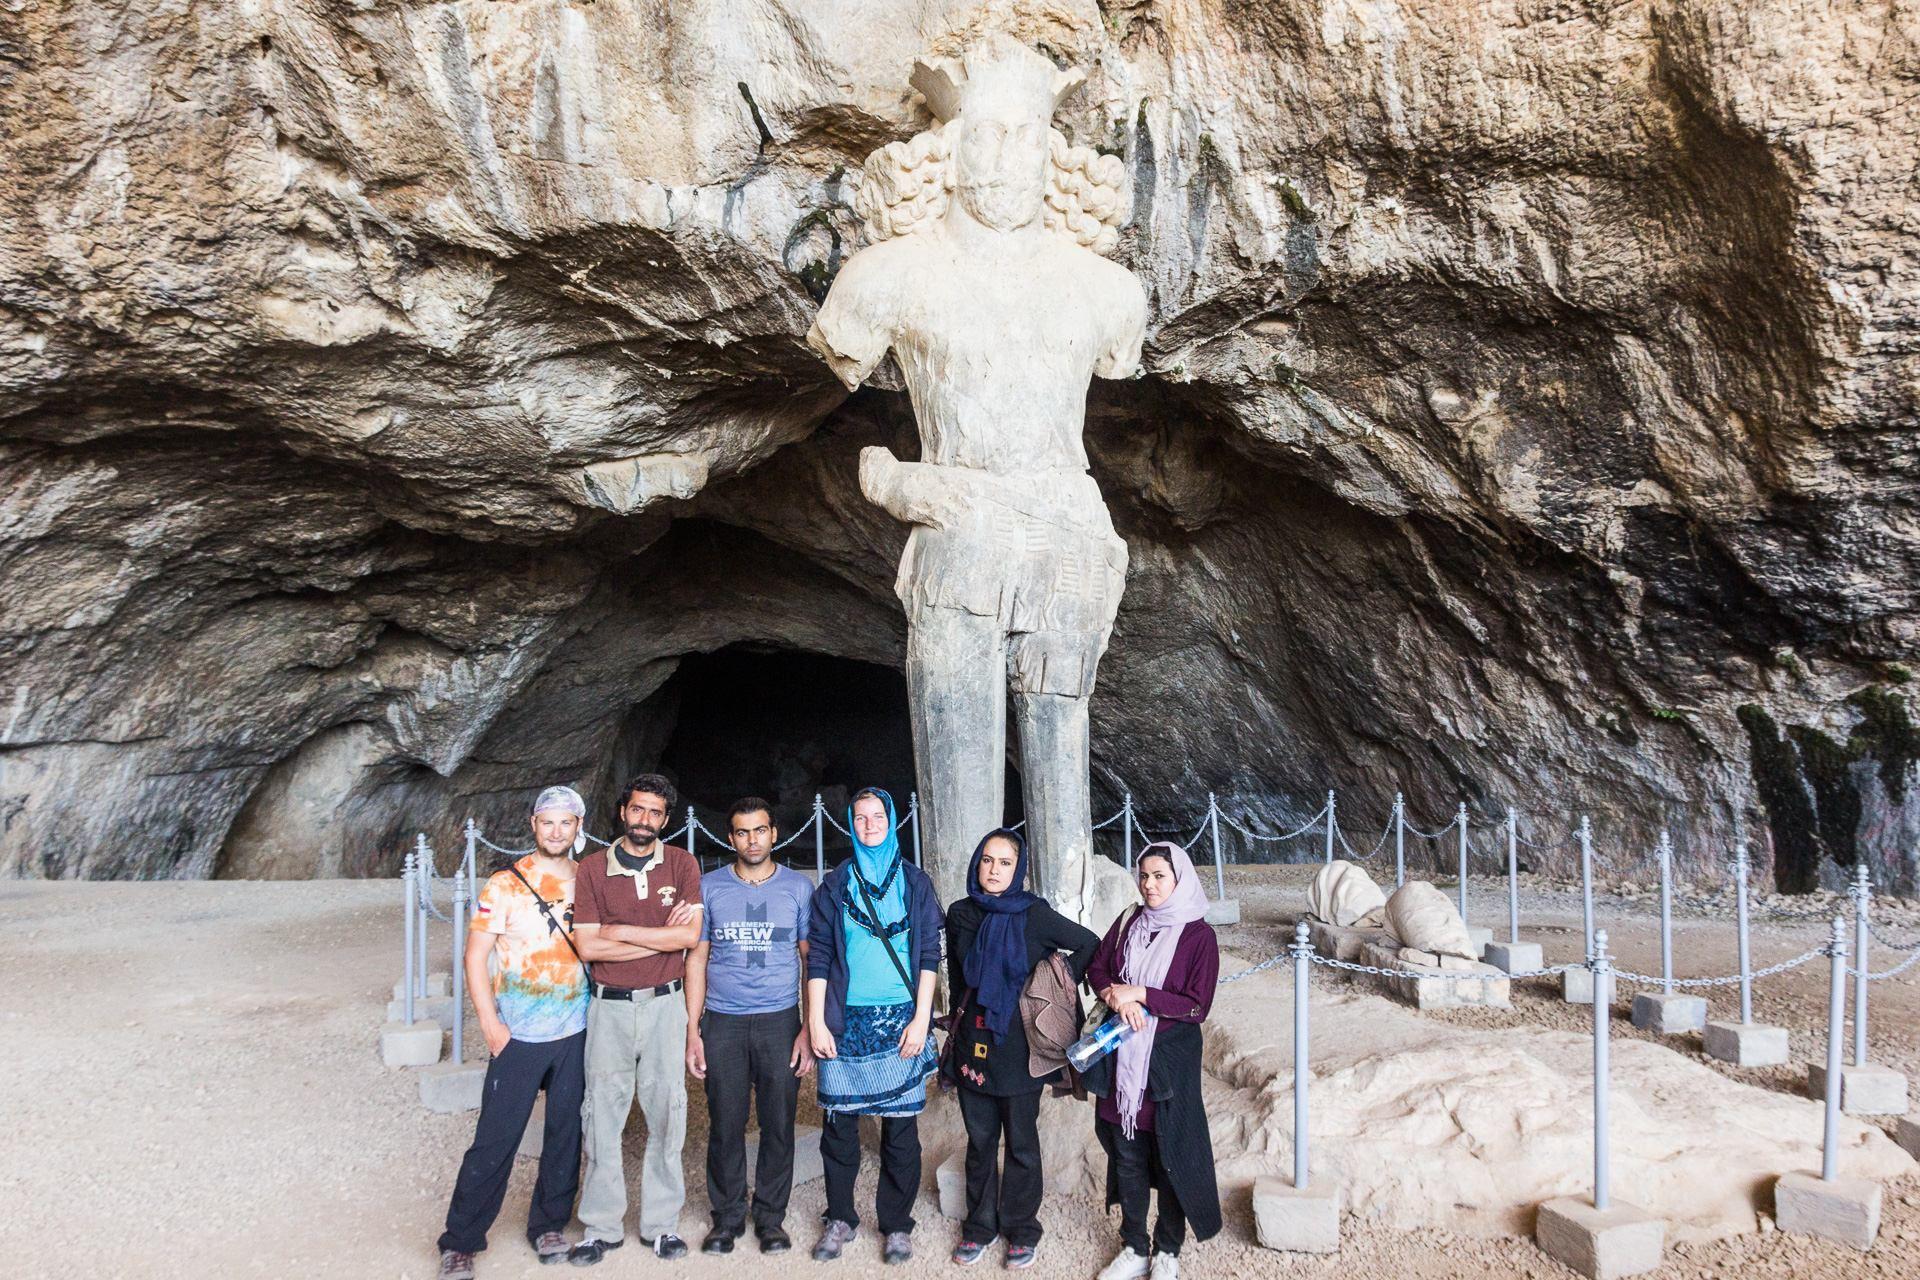 S rodinkou na výletě do posvátné jeskyně